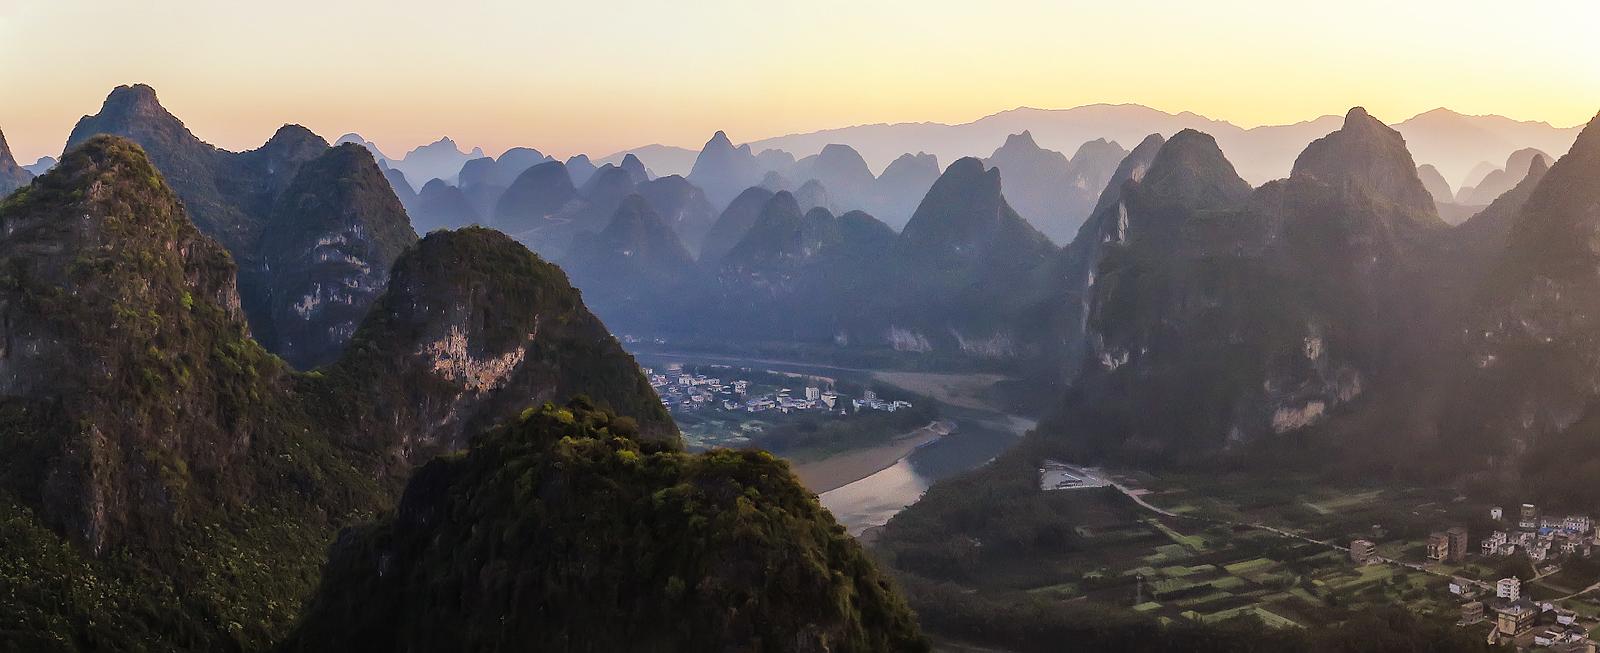 Китай — жемчужины Поднебесной